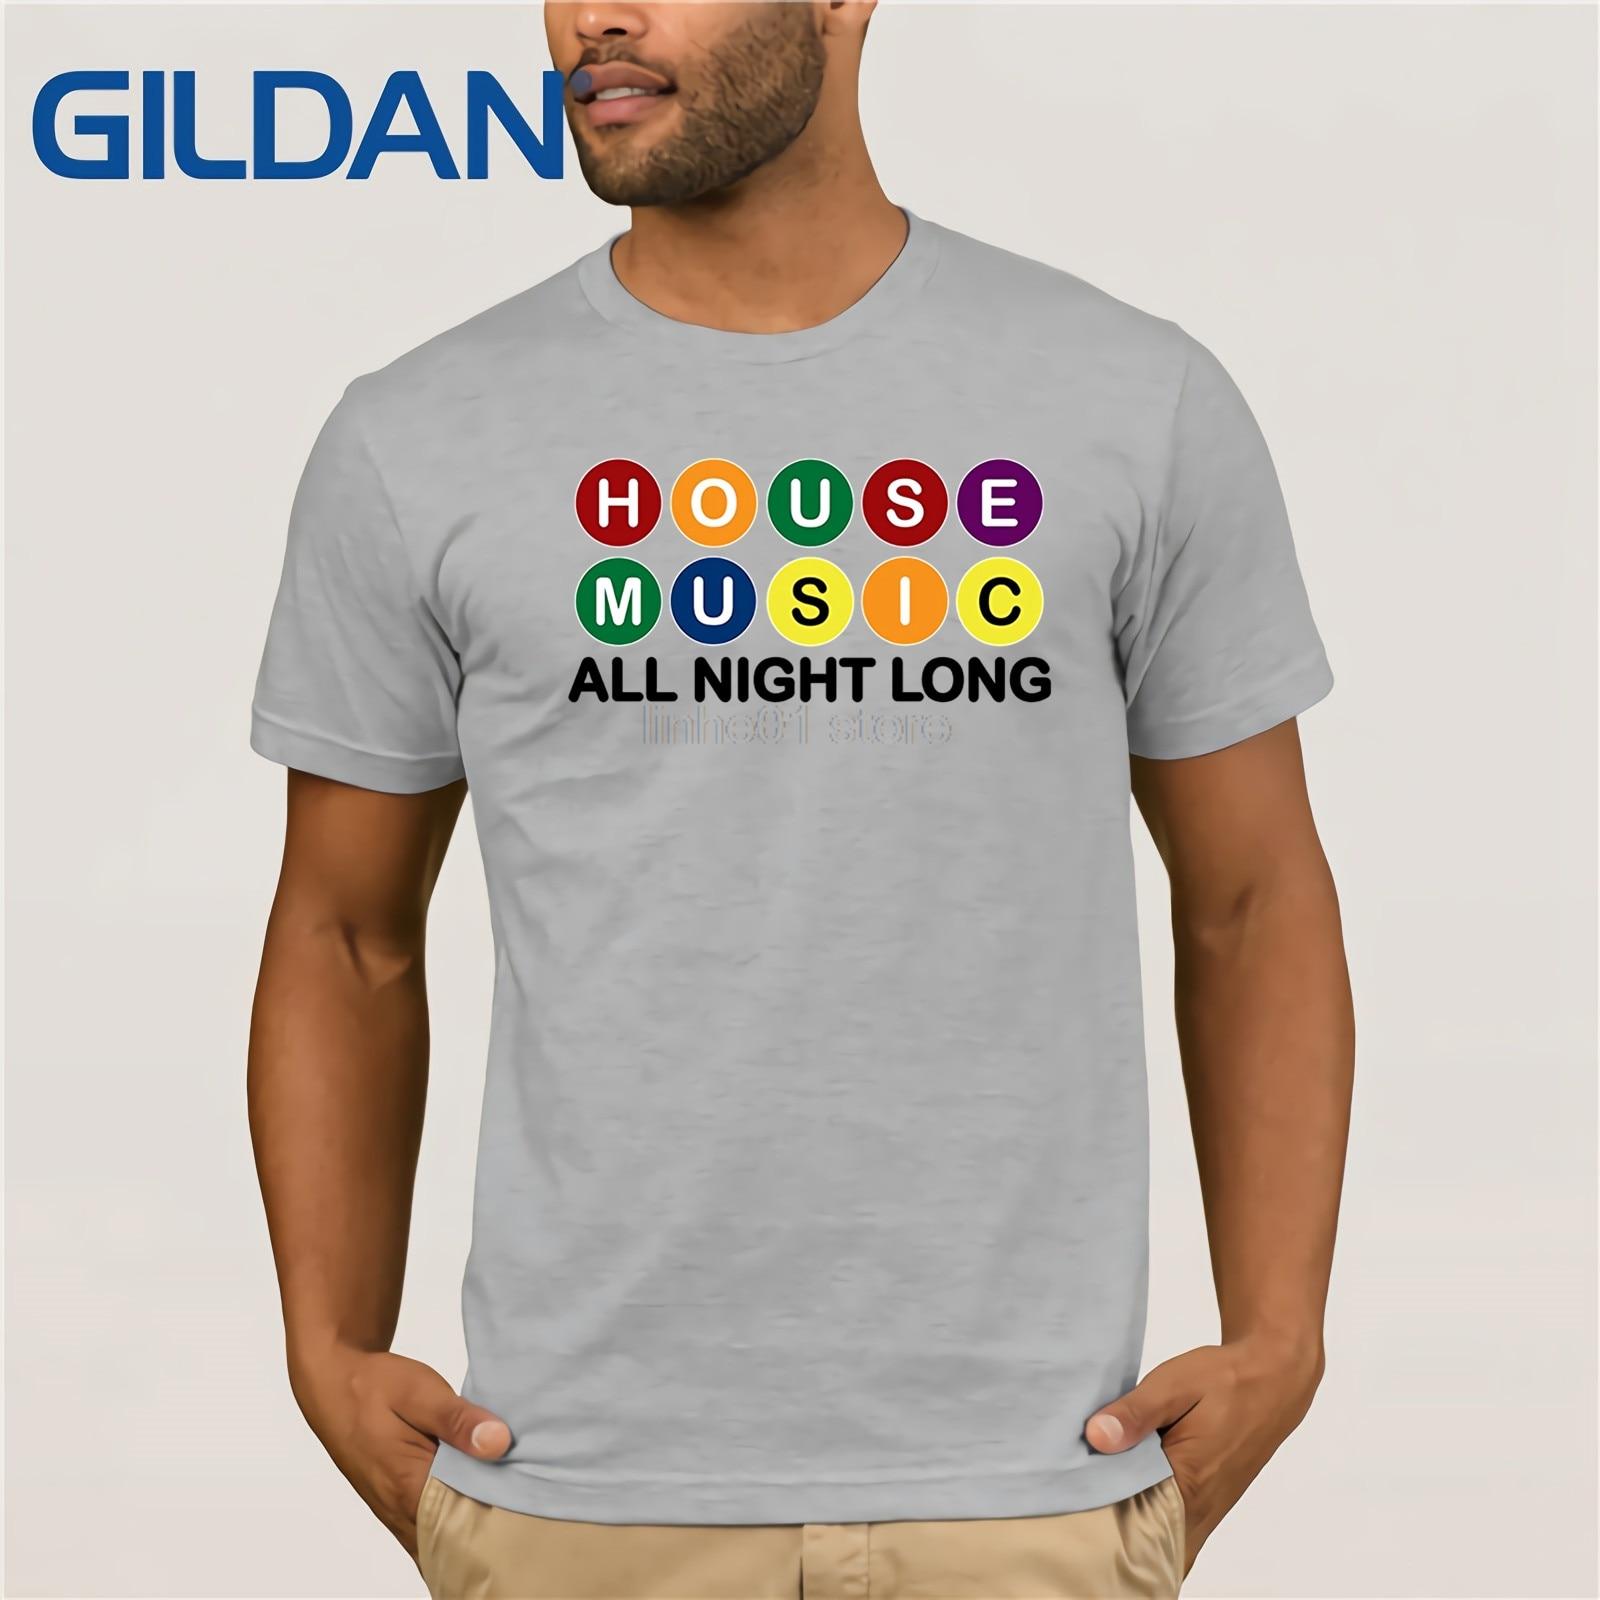 House Music All Night Long Música DJ EDM Tshirt T-shirt T-shirt do verão dos homens Quentes